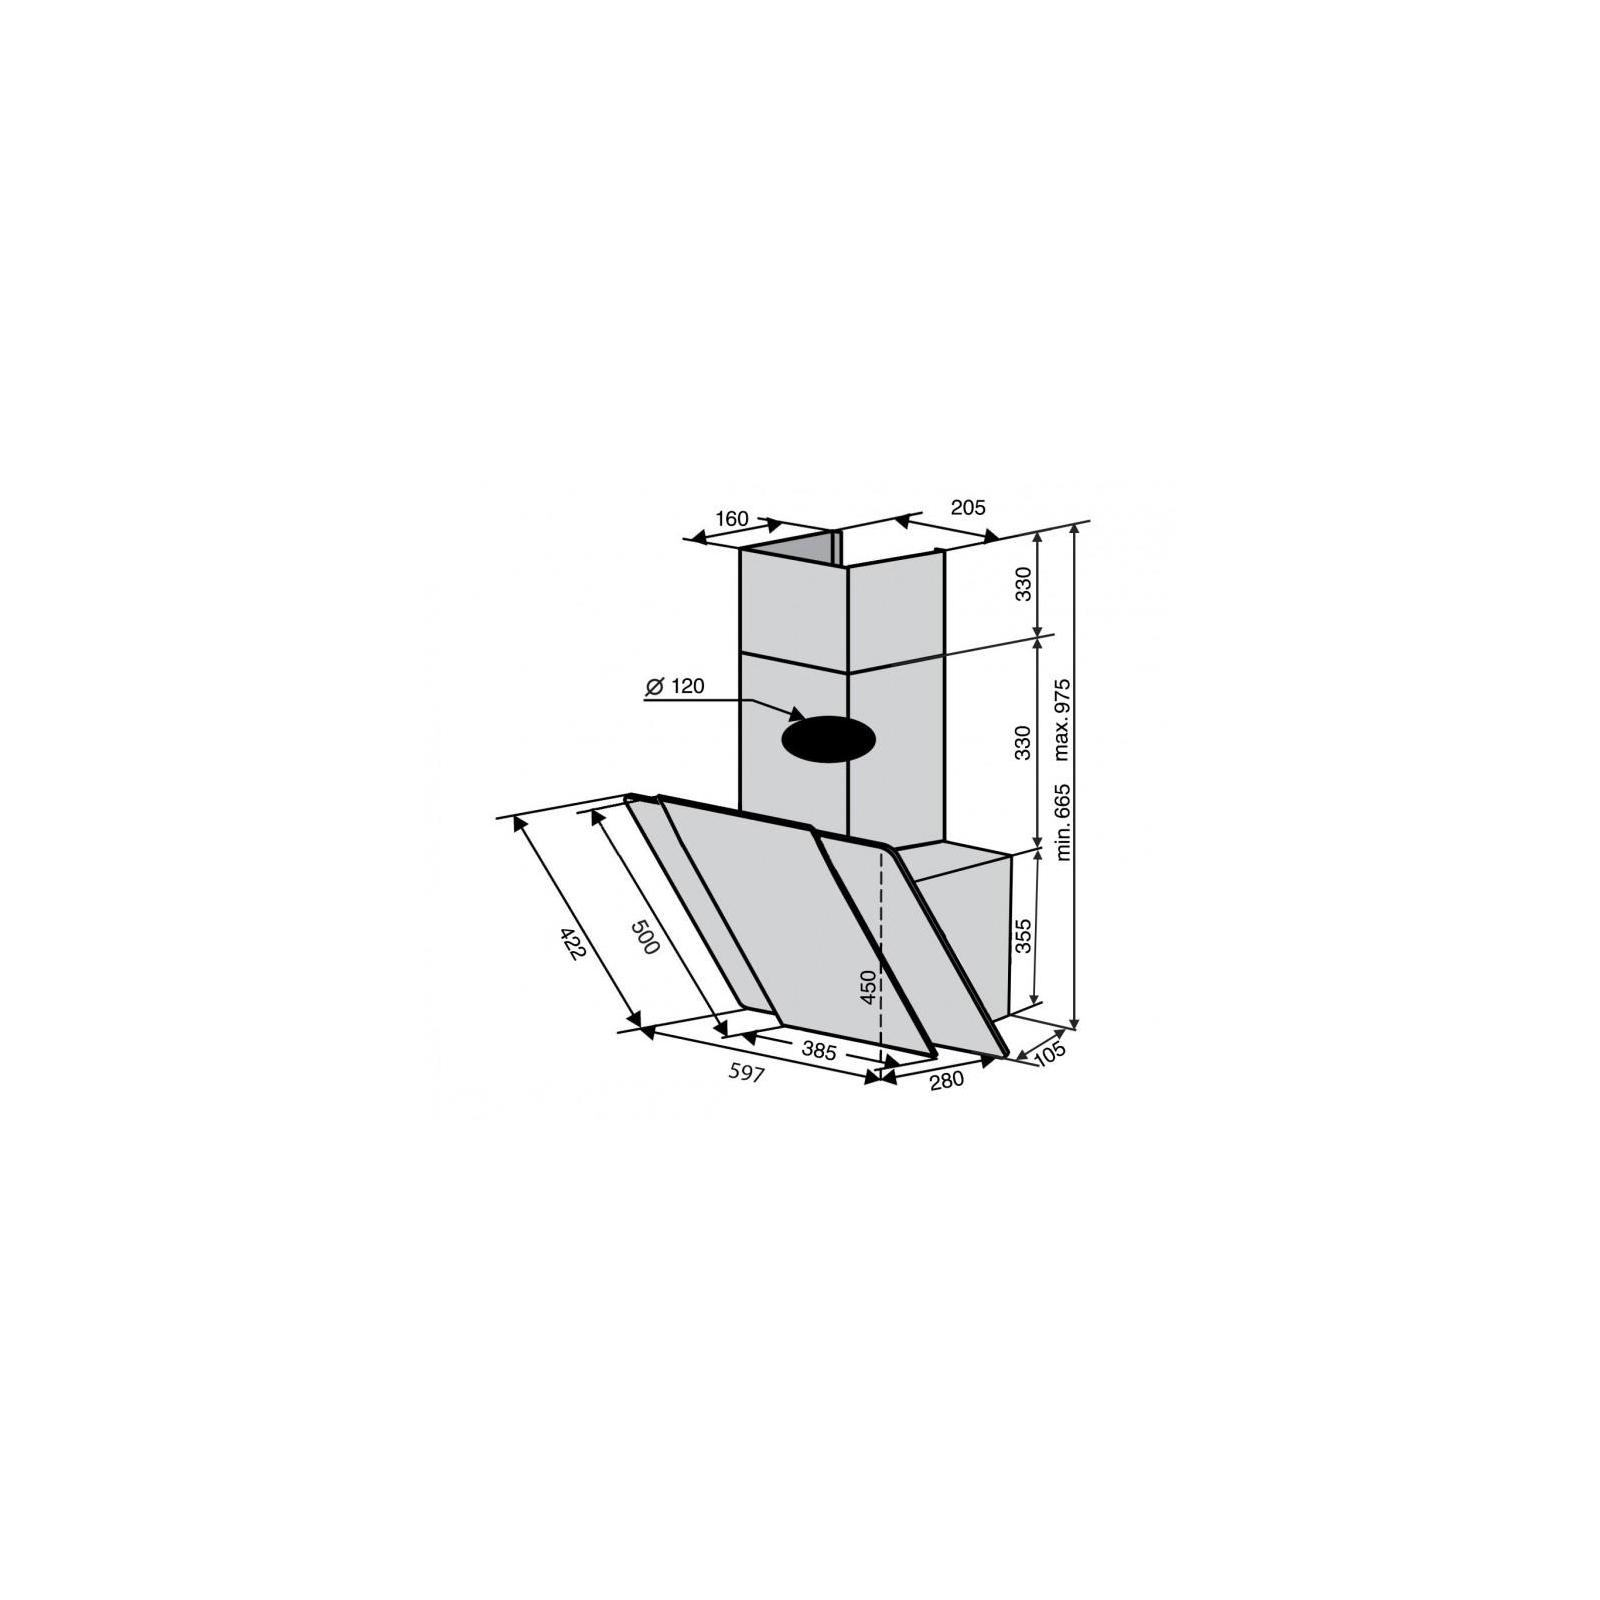 Вытяжка кухонная Ventolux TORINO 60 BG/X (750) PB изображение 6